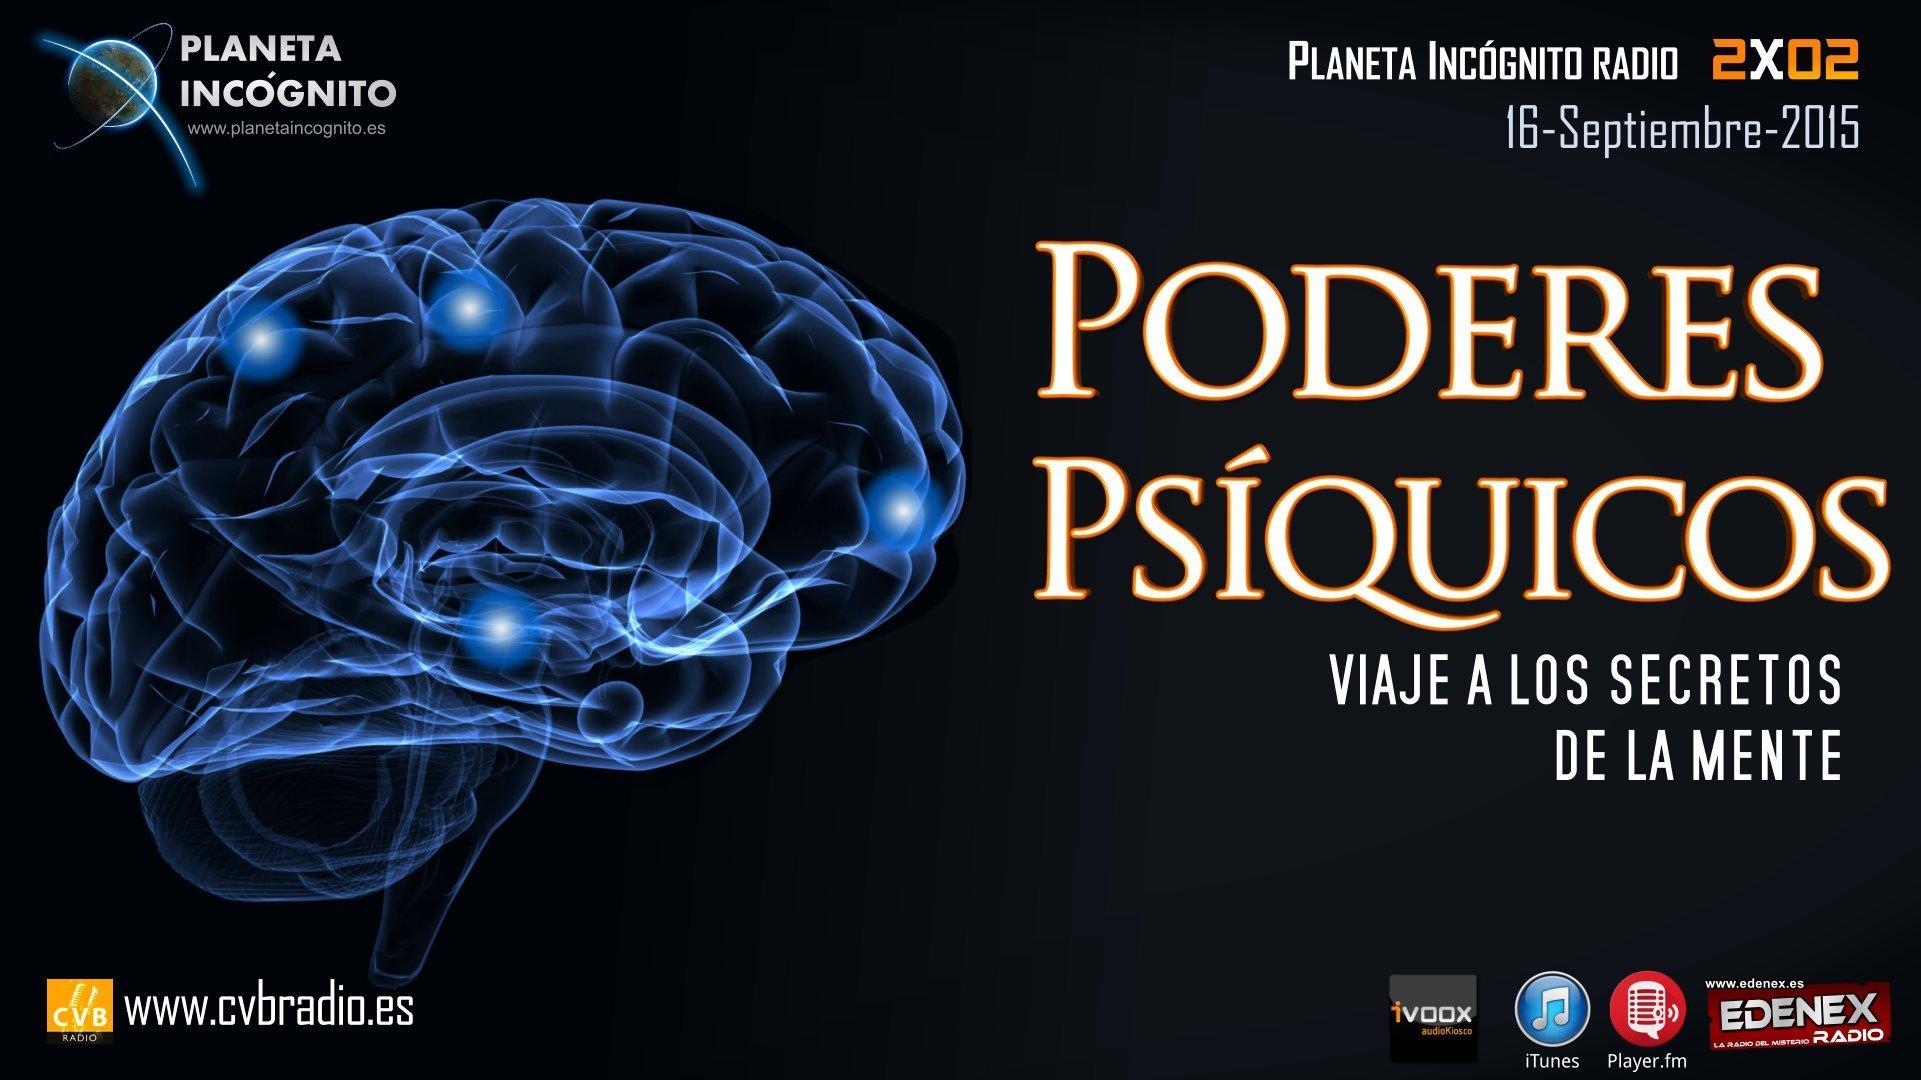 Programa 2x02 - Poderes psíquicos: Viaje a los Secretos de la Mente 2